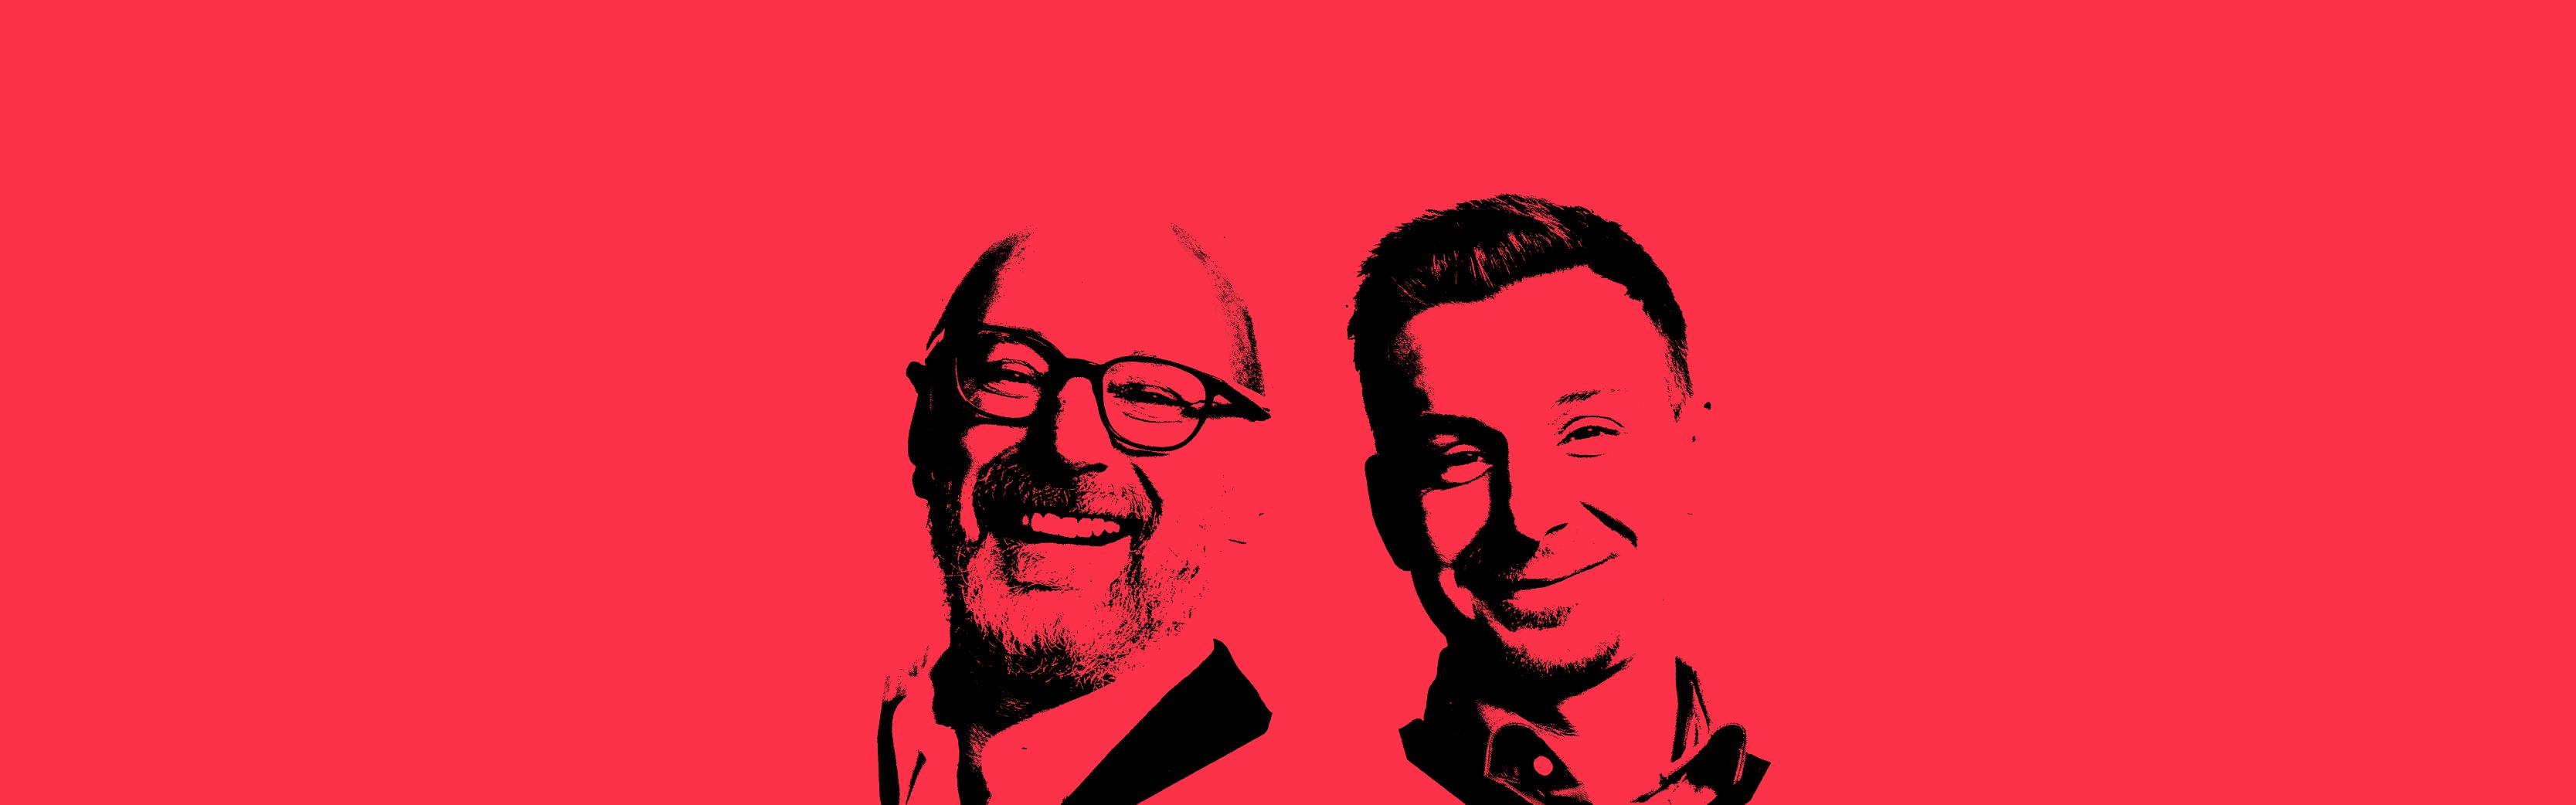 Podcast-Banner_1600x500_Köpfe-klein-05